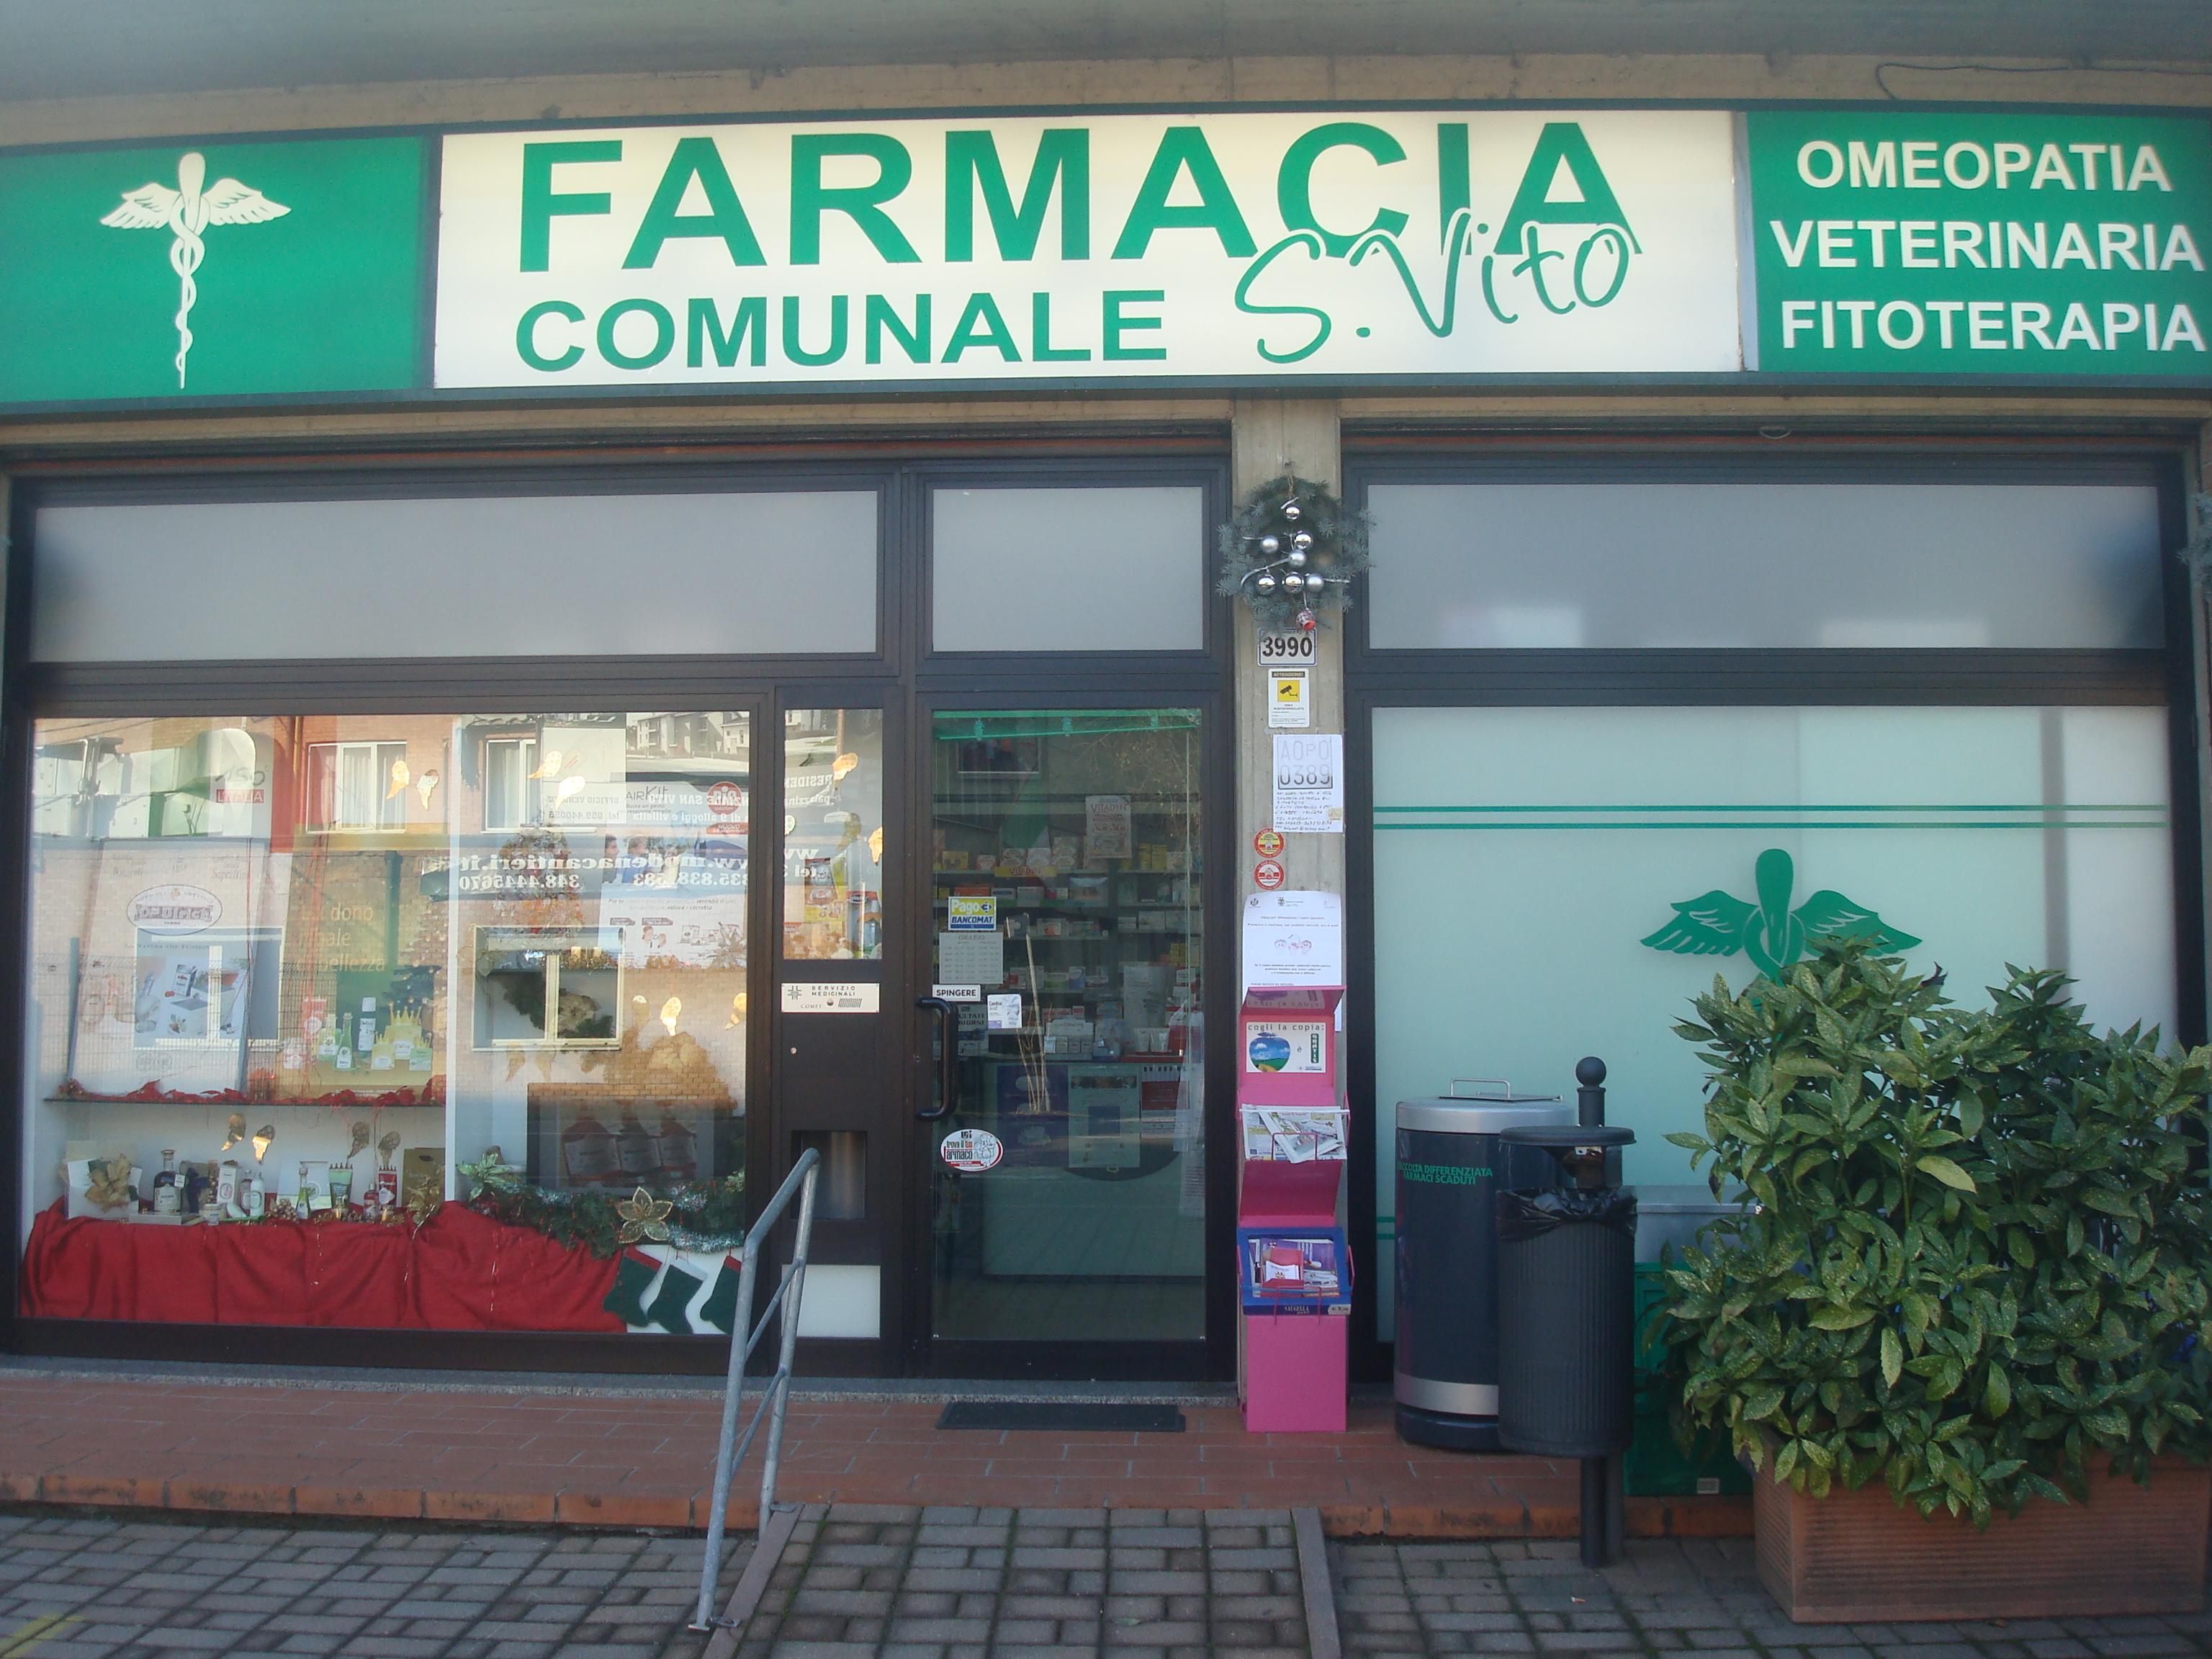 Farmacia comunale san vito comune di spilamberto per - Farmacie di turno comune bagno a ripoli ...